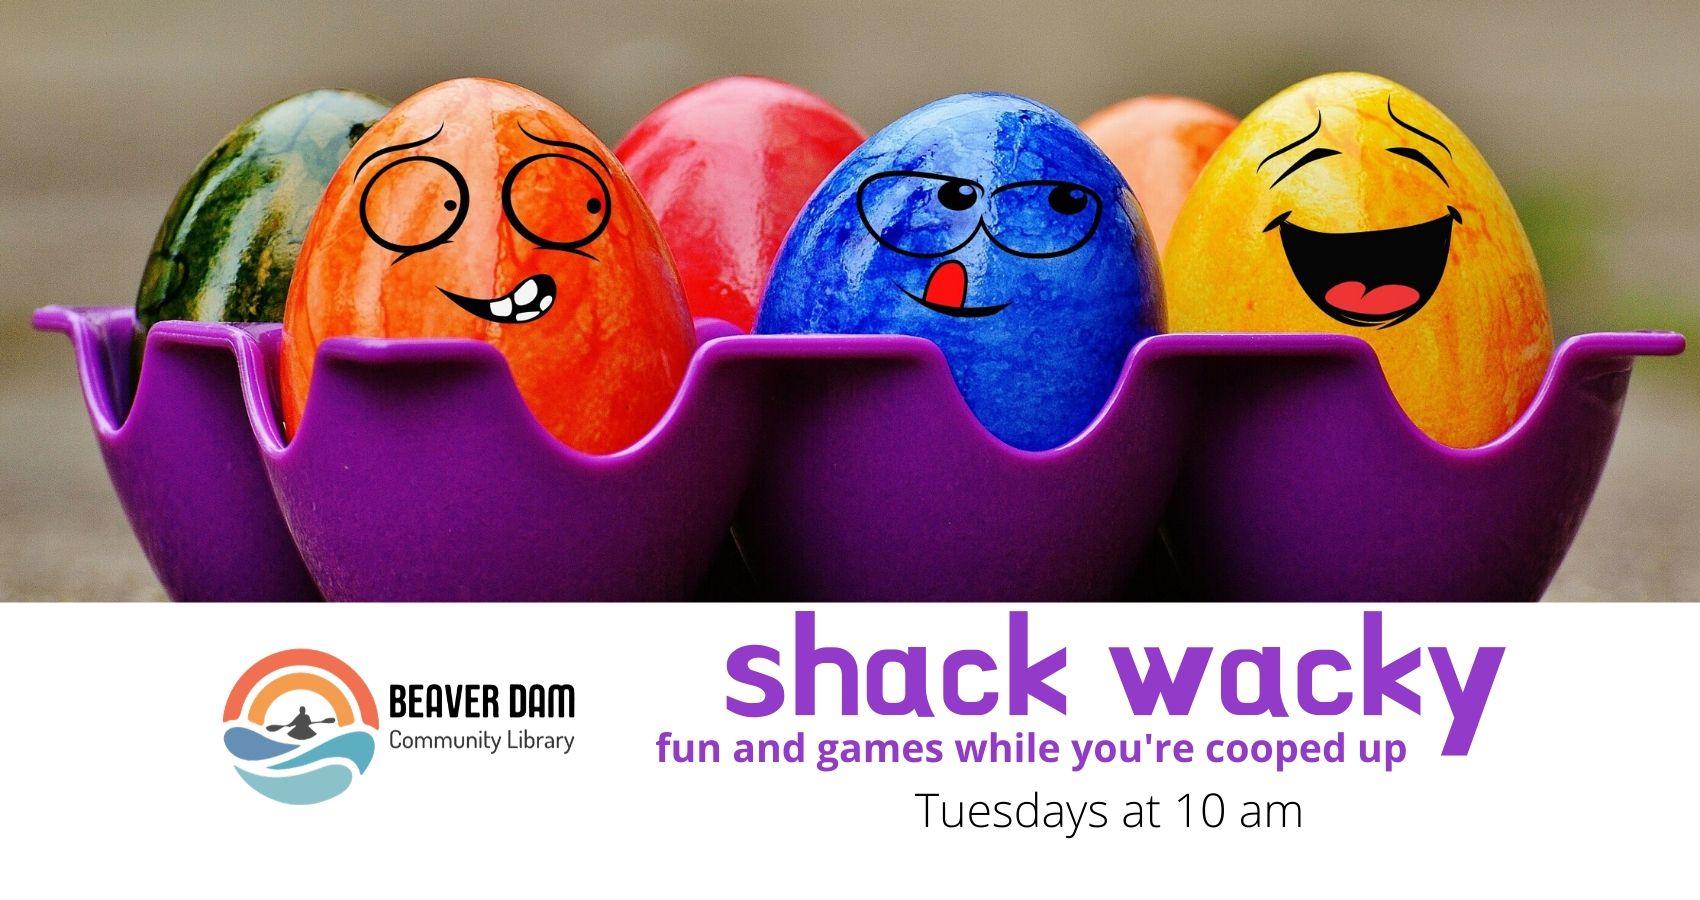 Shack Wacky